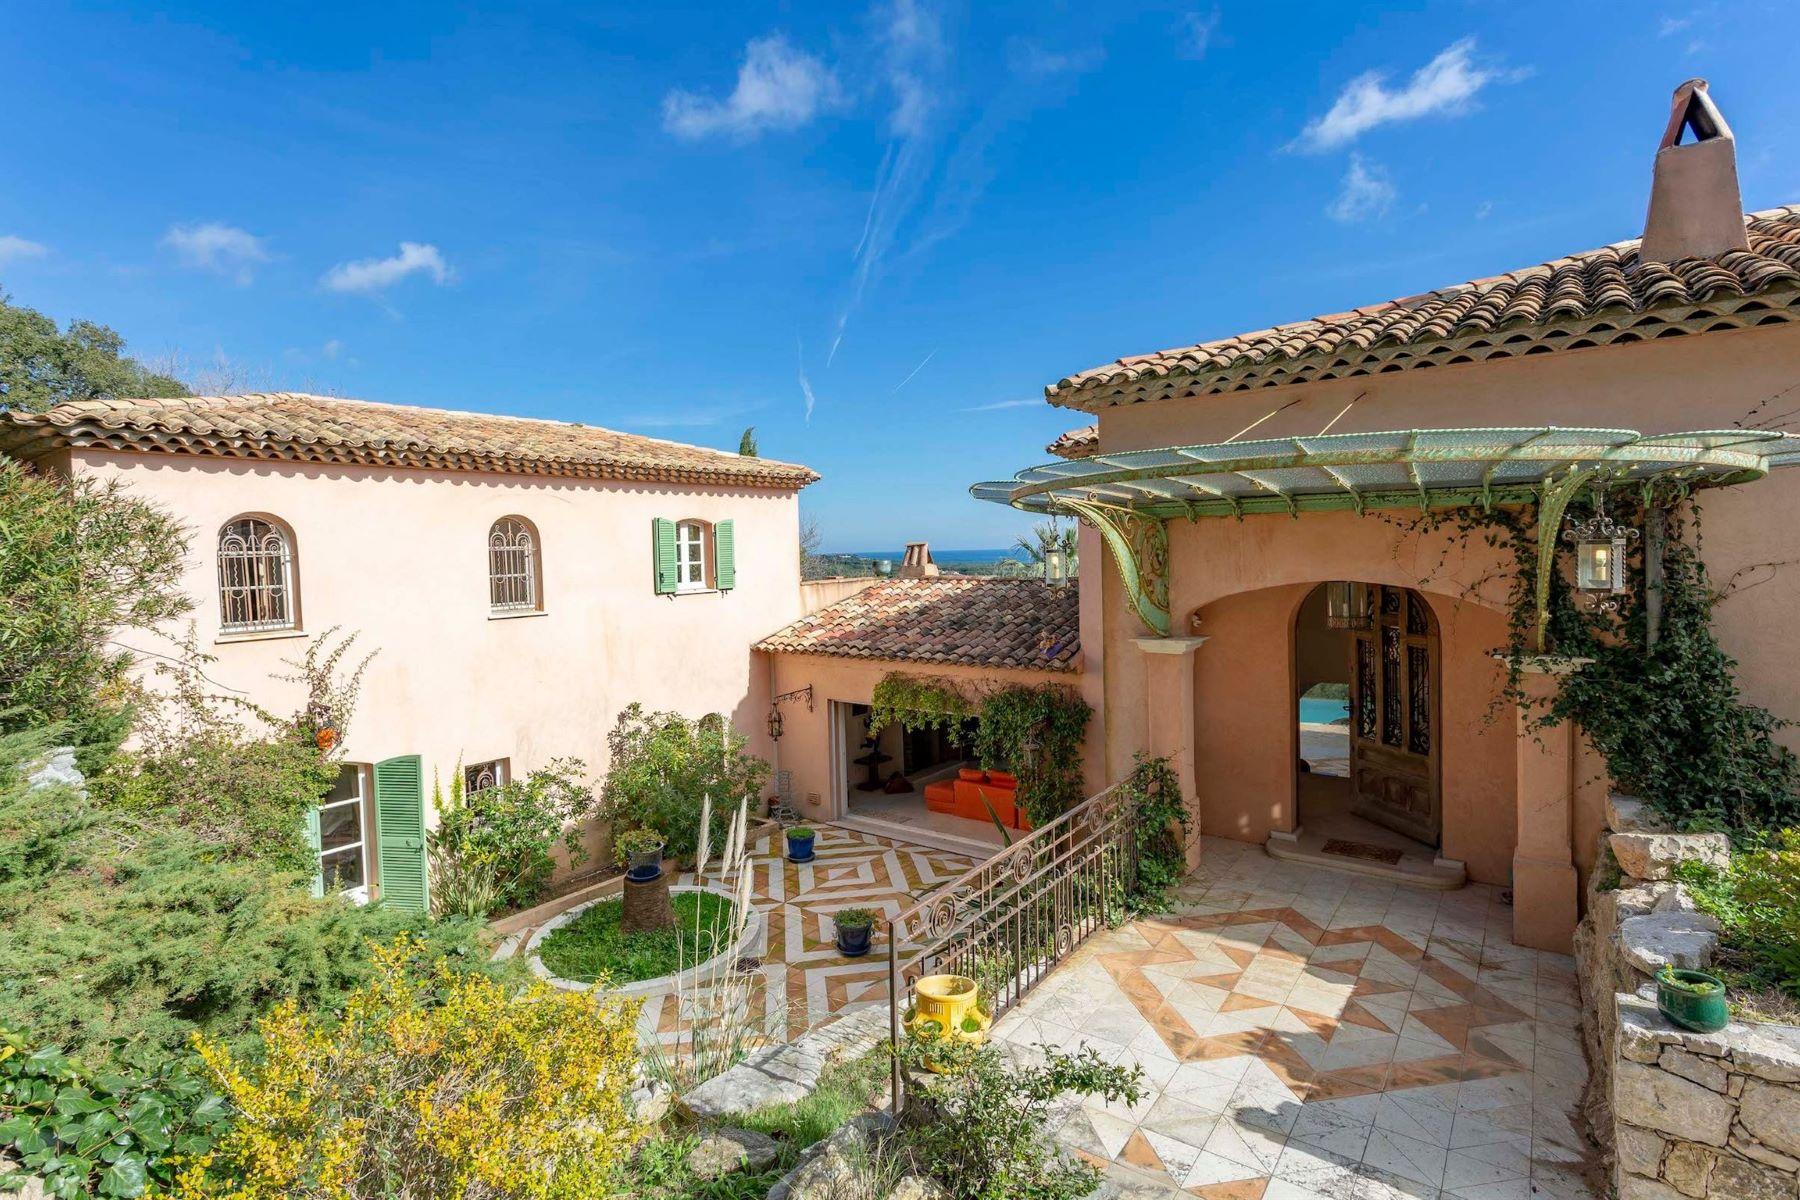 Single Family Homes por un Venta en Provencal style bastide, sea views - Ramatuelle Ramatuelle, Provincia - Alpes - Costa Azul 83350 Francia